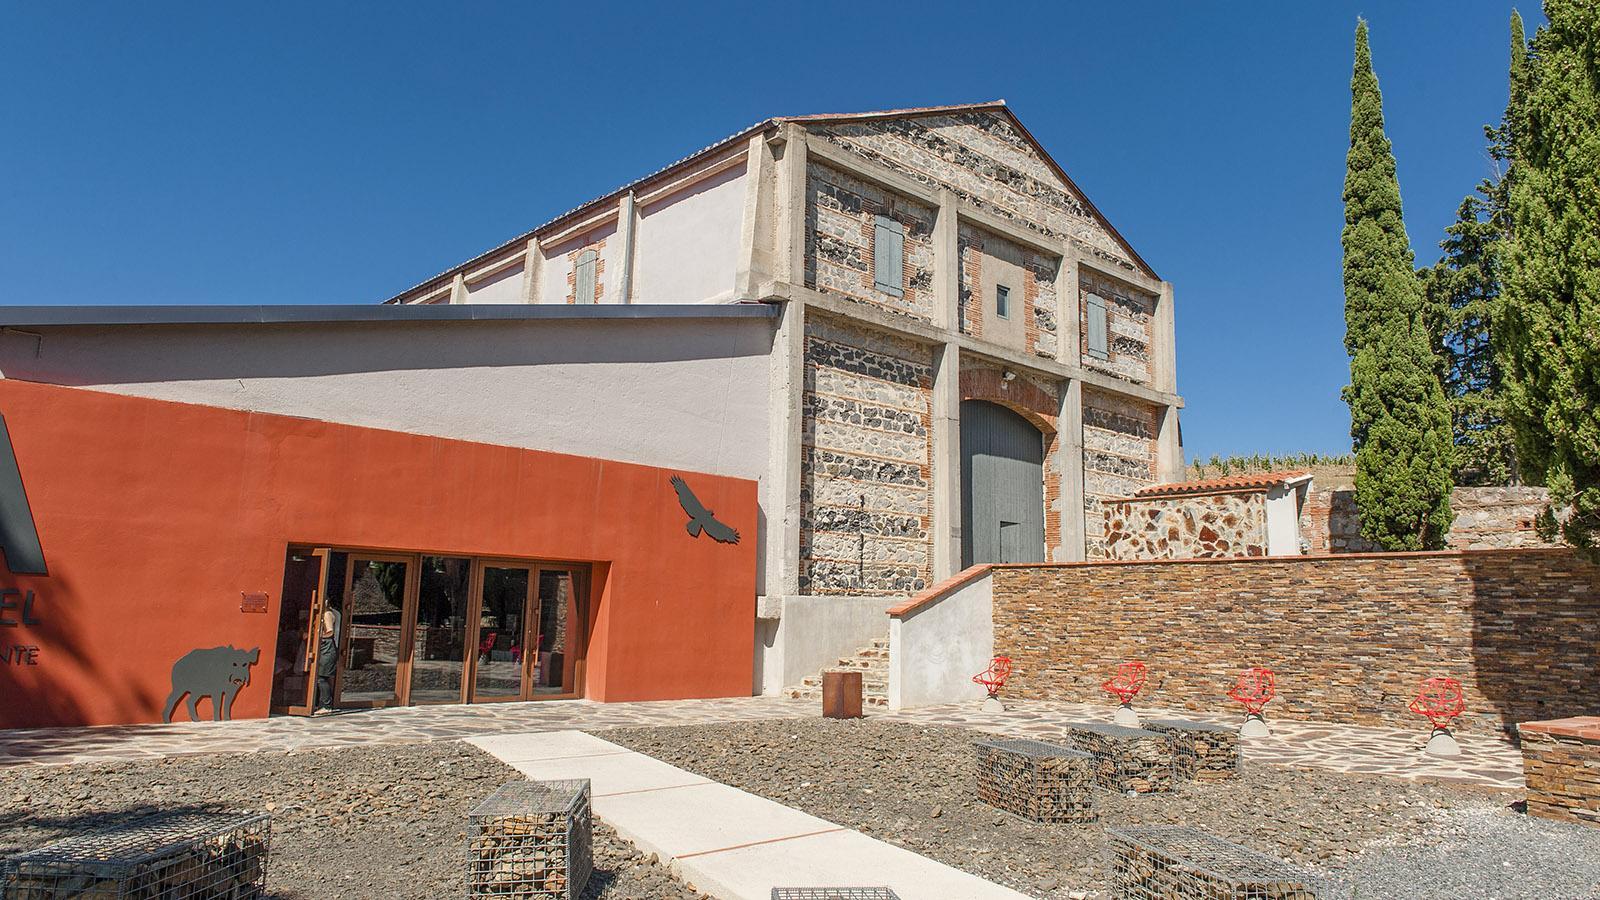 Lokales Erbe trifft globalen Zeitgeist: Das Weingut Mas Amiel setzt dies nicht nur in der Architektur, sondern auch bei der Komposition und Präsentation seiner Weine um. Foto: Hilke Maunder